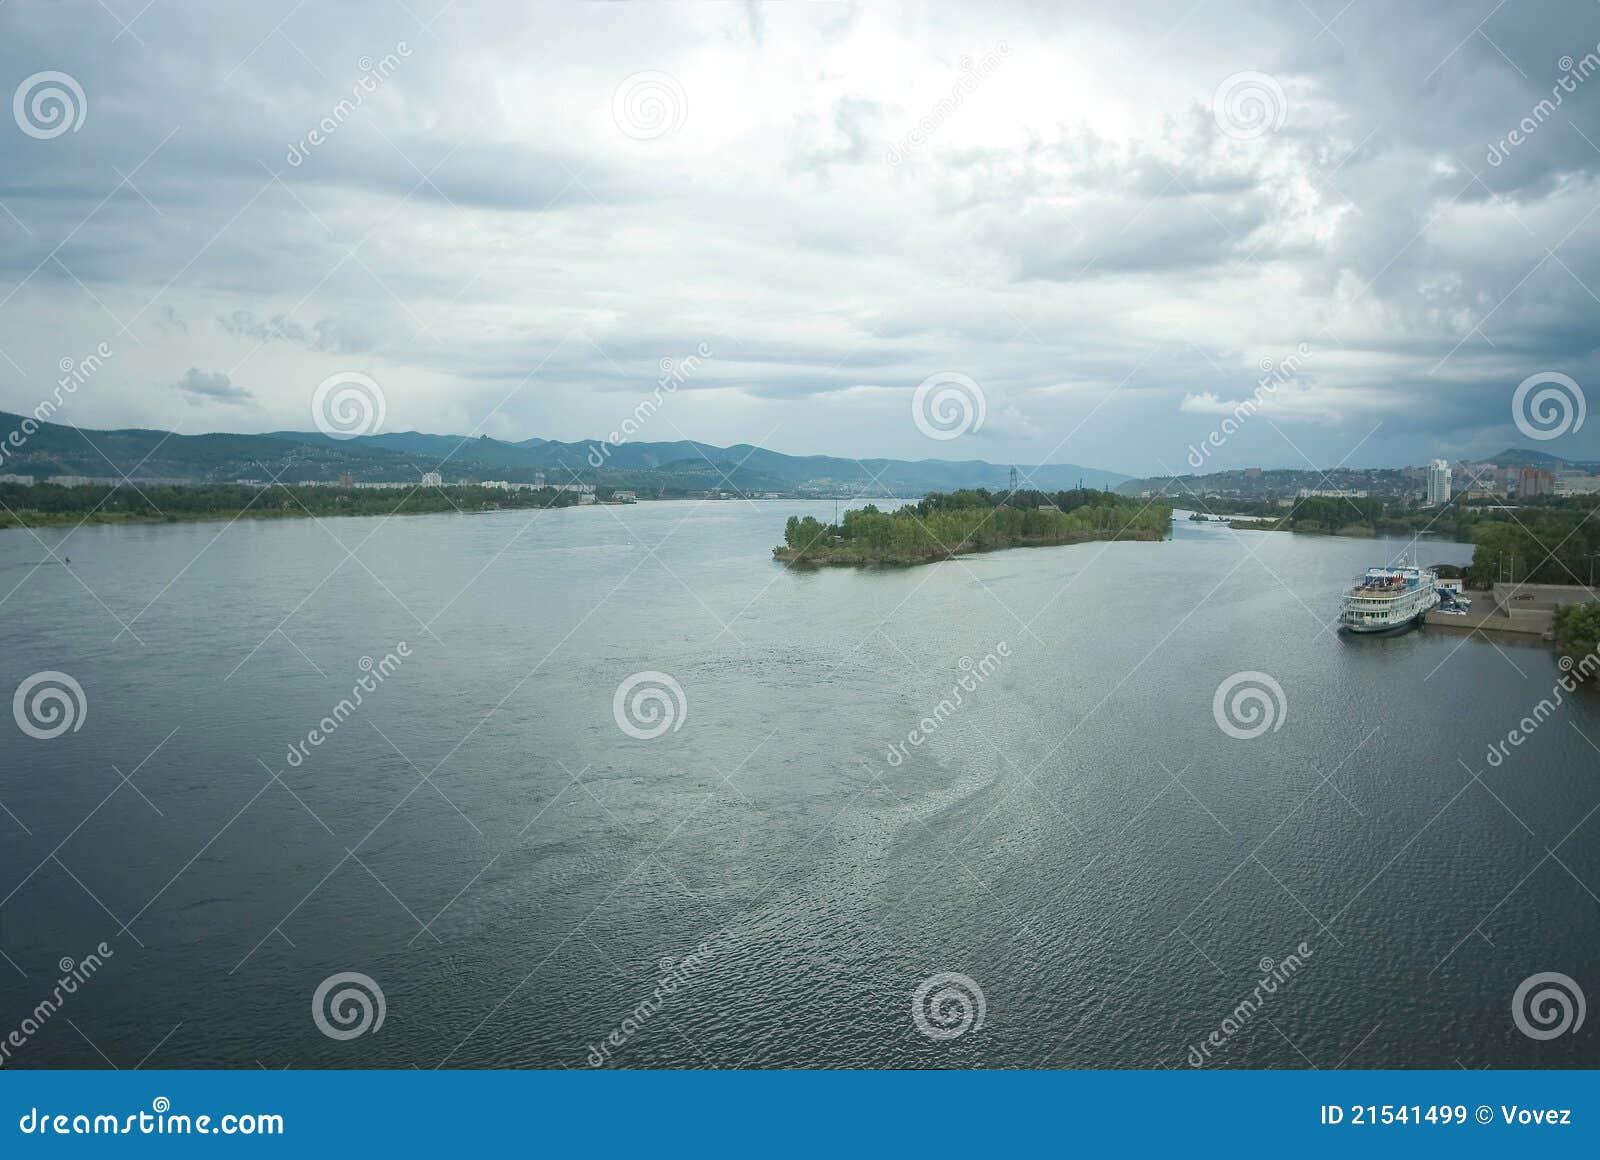 Krasnoyarsk, fiume Yenisei